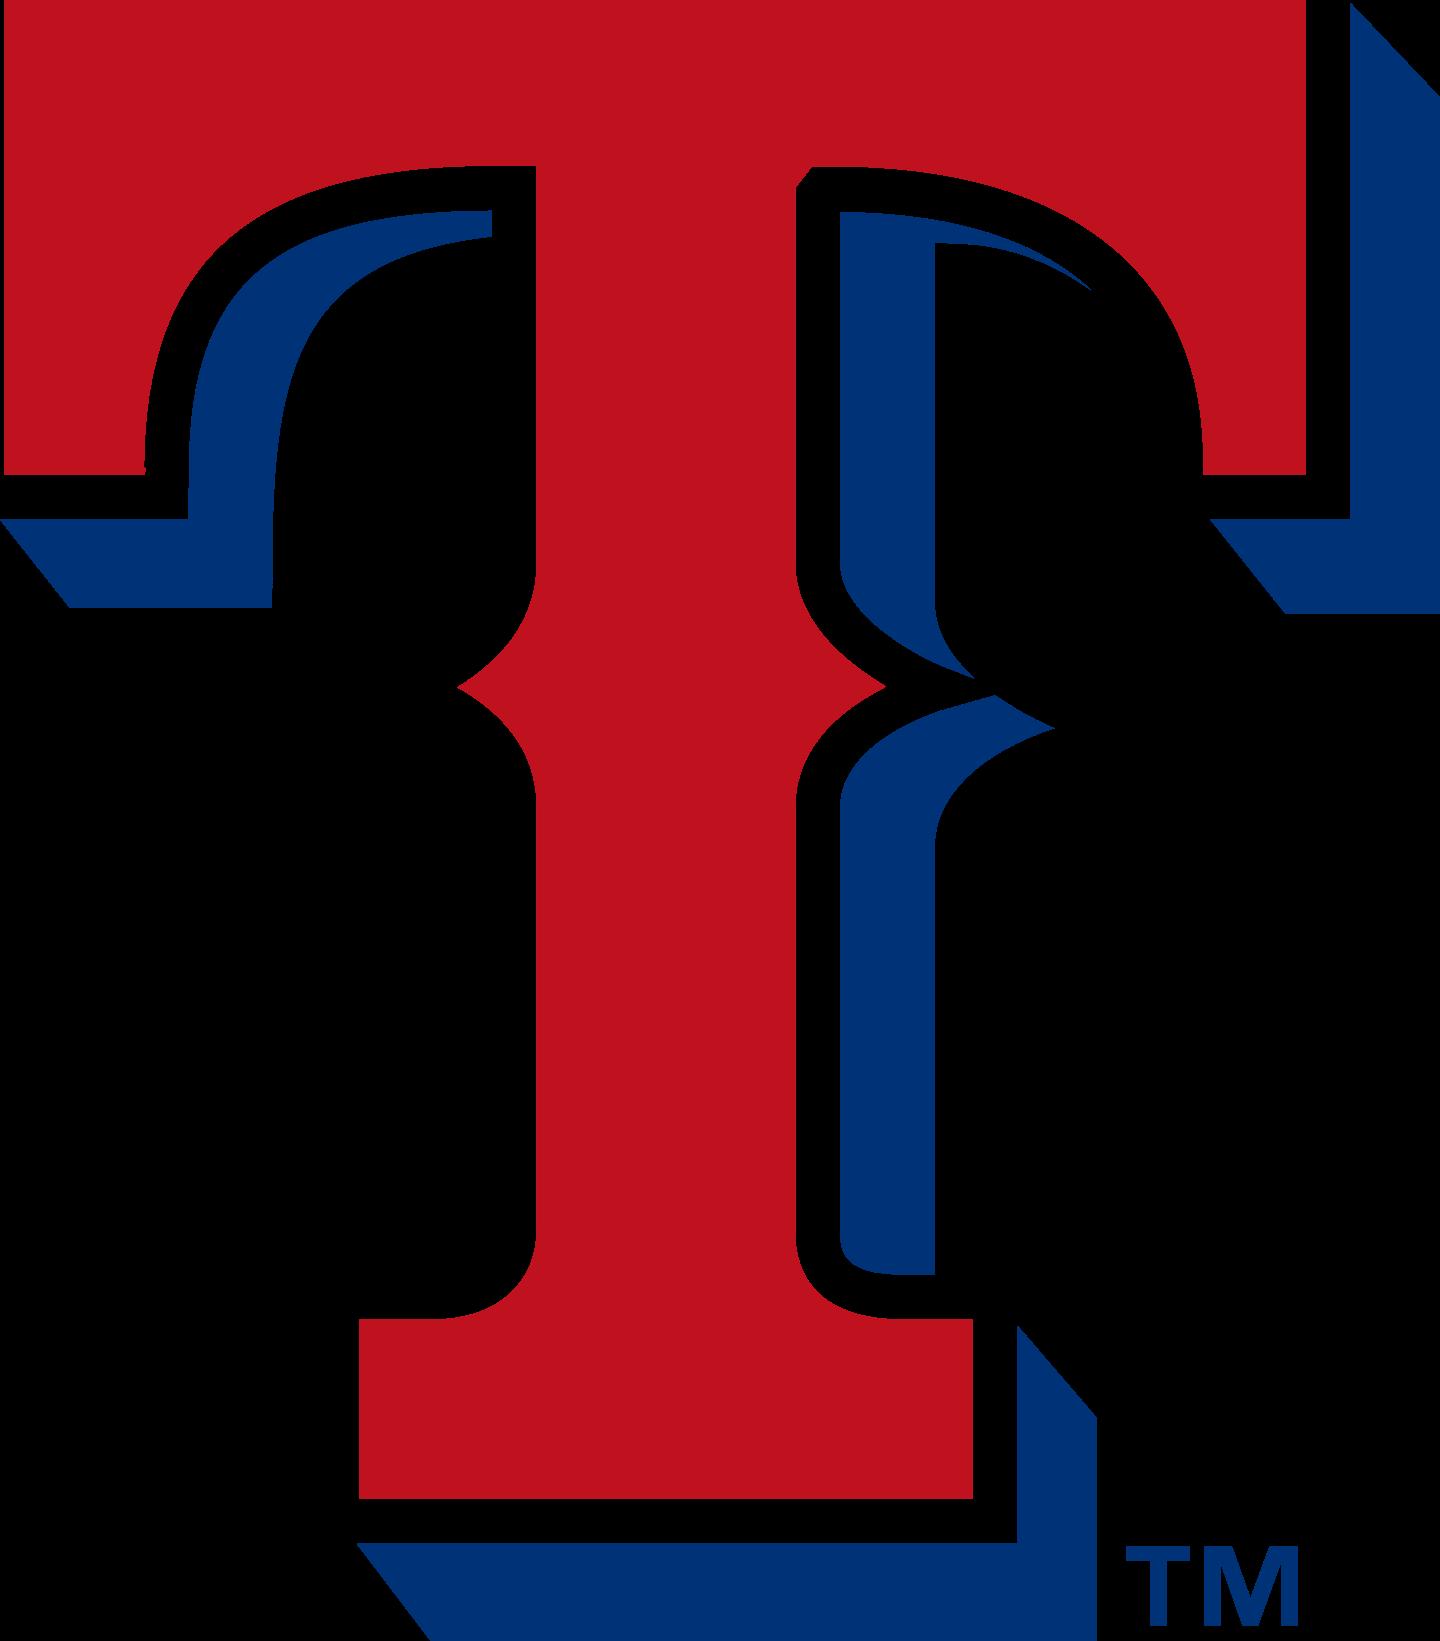 texas rangers logo 2 - Texas Rangers Logo